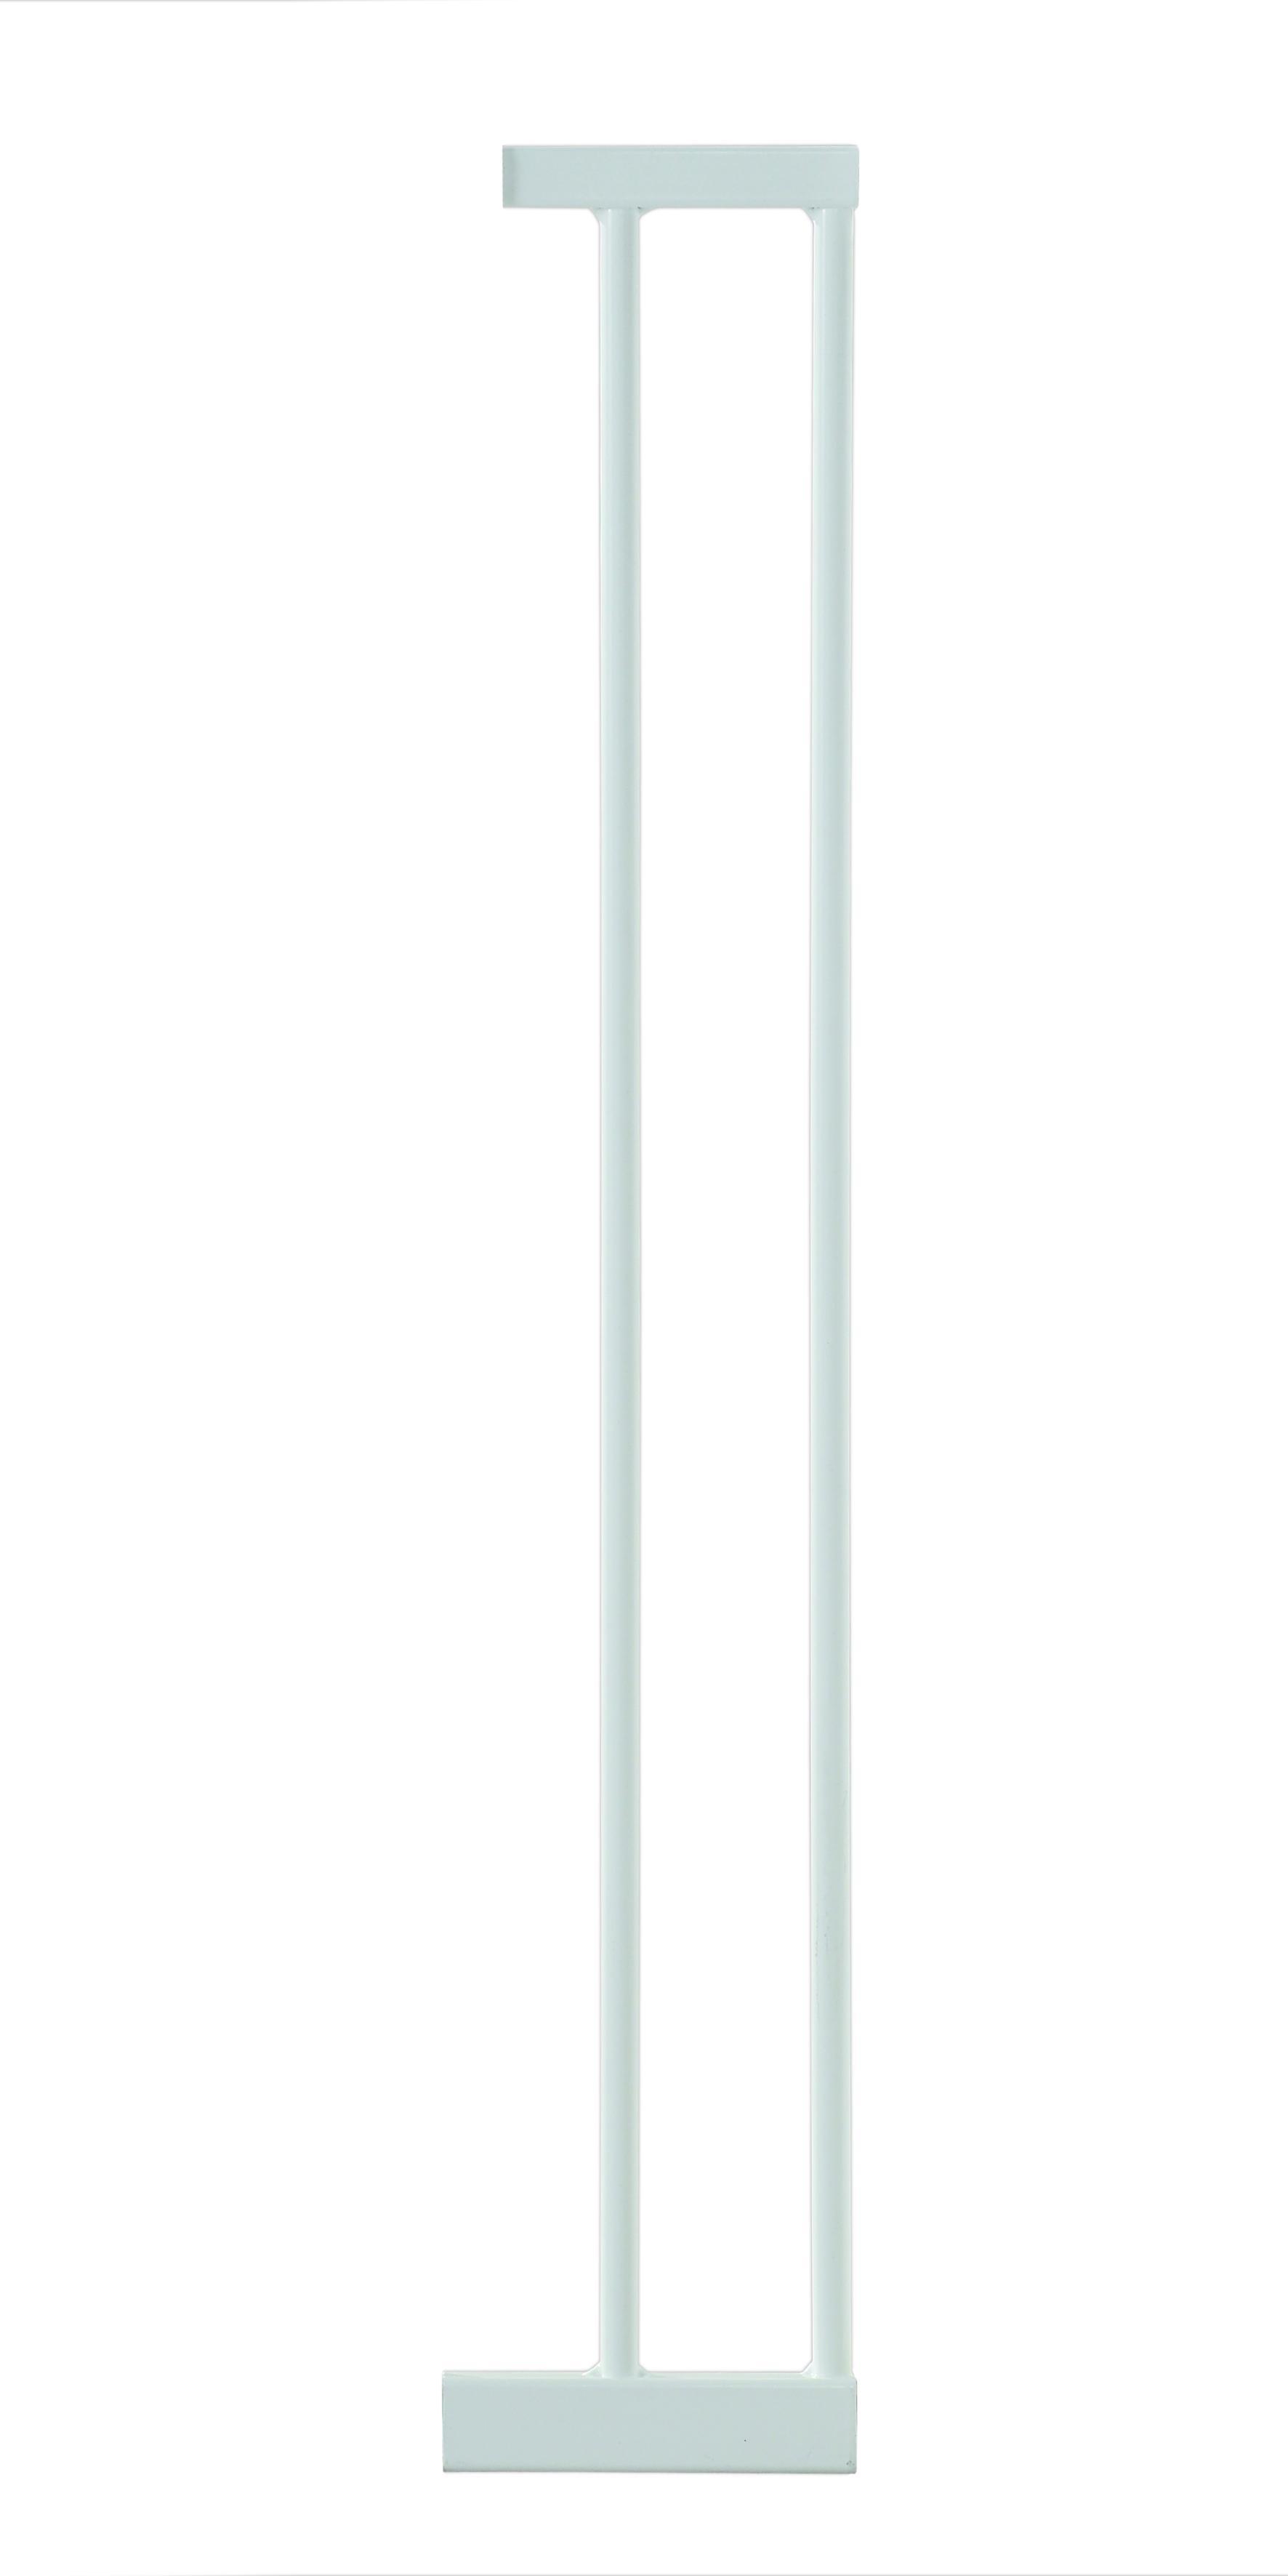 Munchkin Universaalne turvavärava pikendus valge - Munchkin